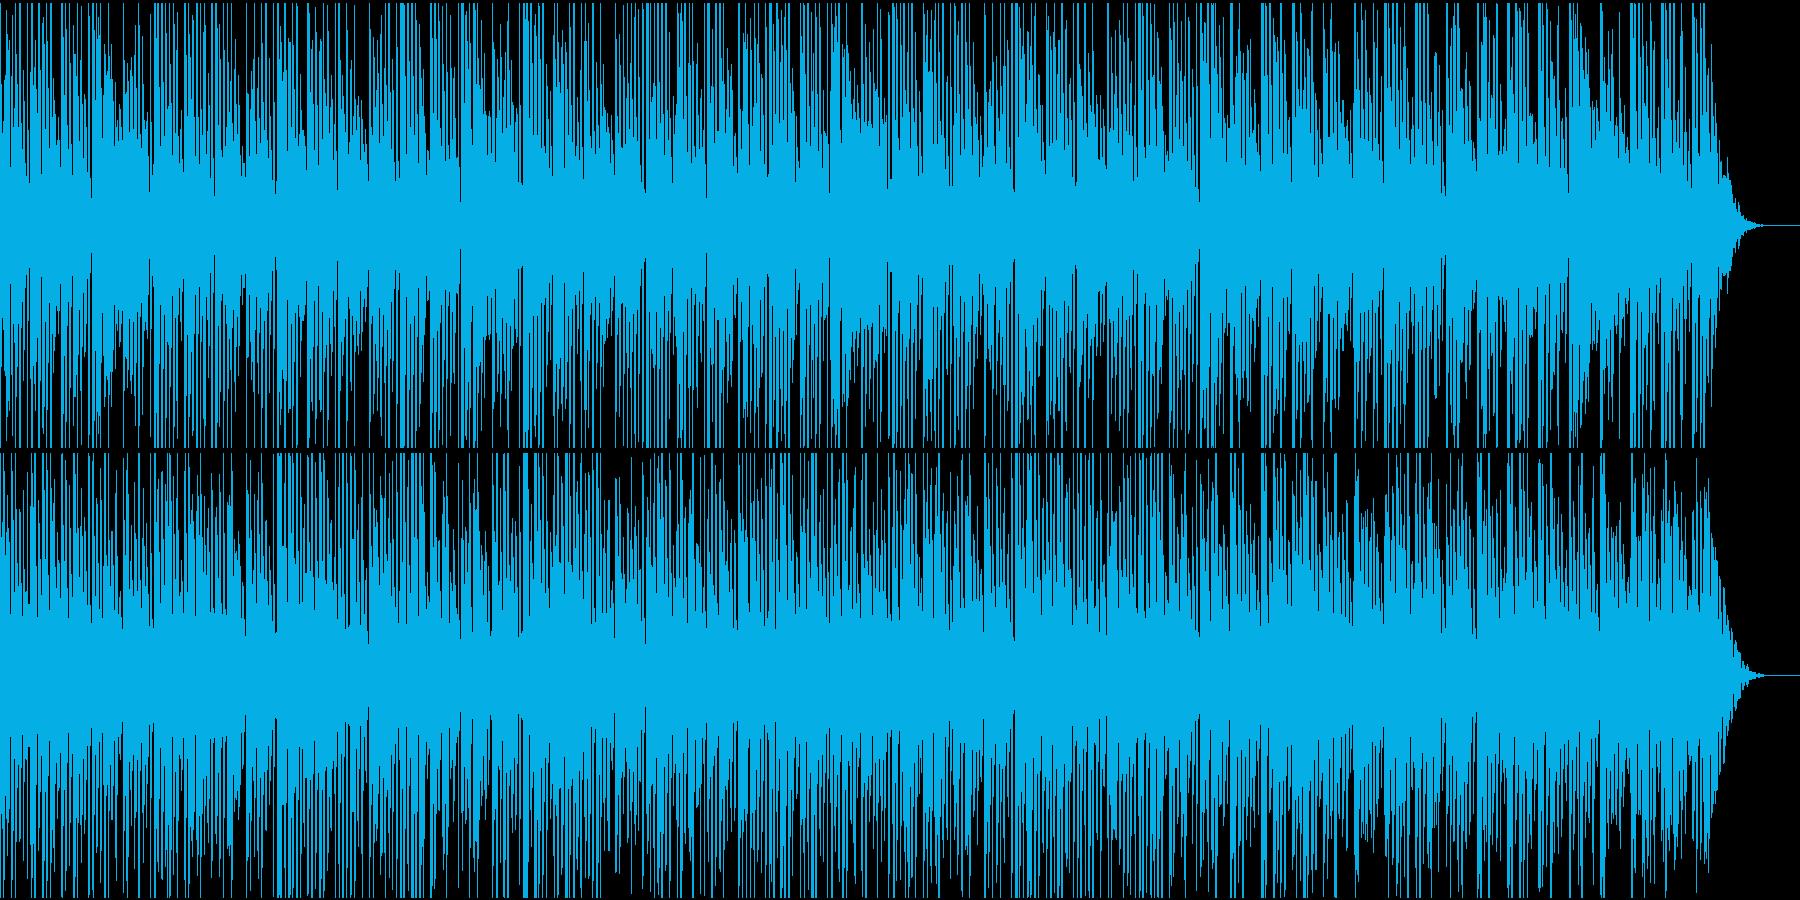 切ない雰囲気 エレピが印象的なリズミカルの再生済みの波形